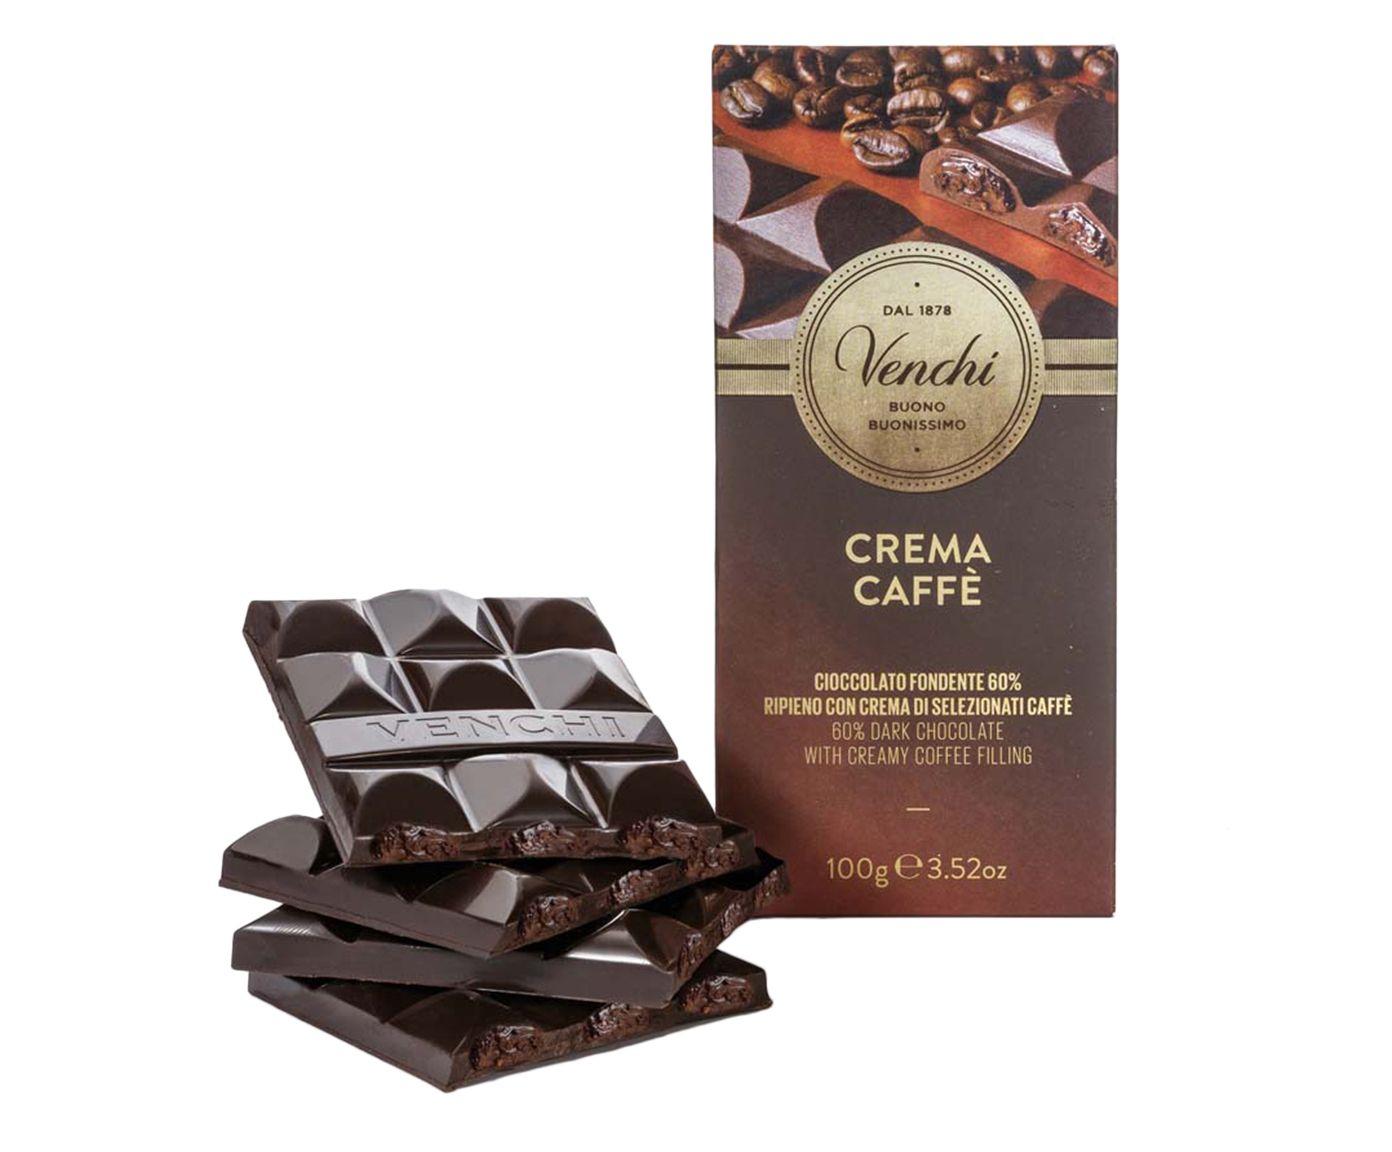 Barra de Chocolate com 60% de Cacau e Creme de Café - 100G | Westwing.com.br